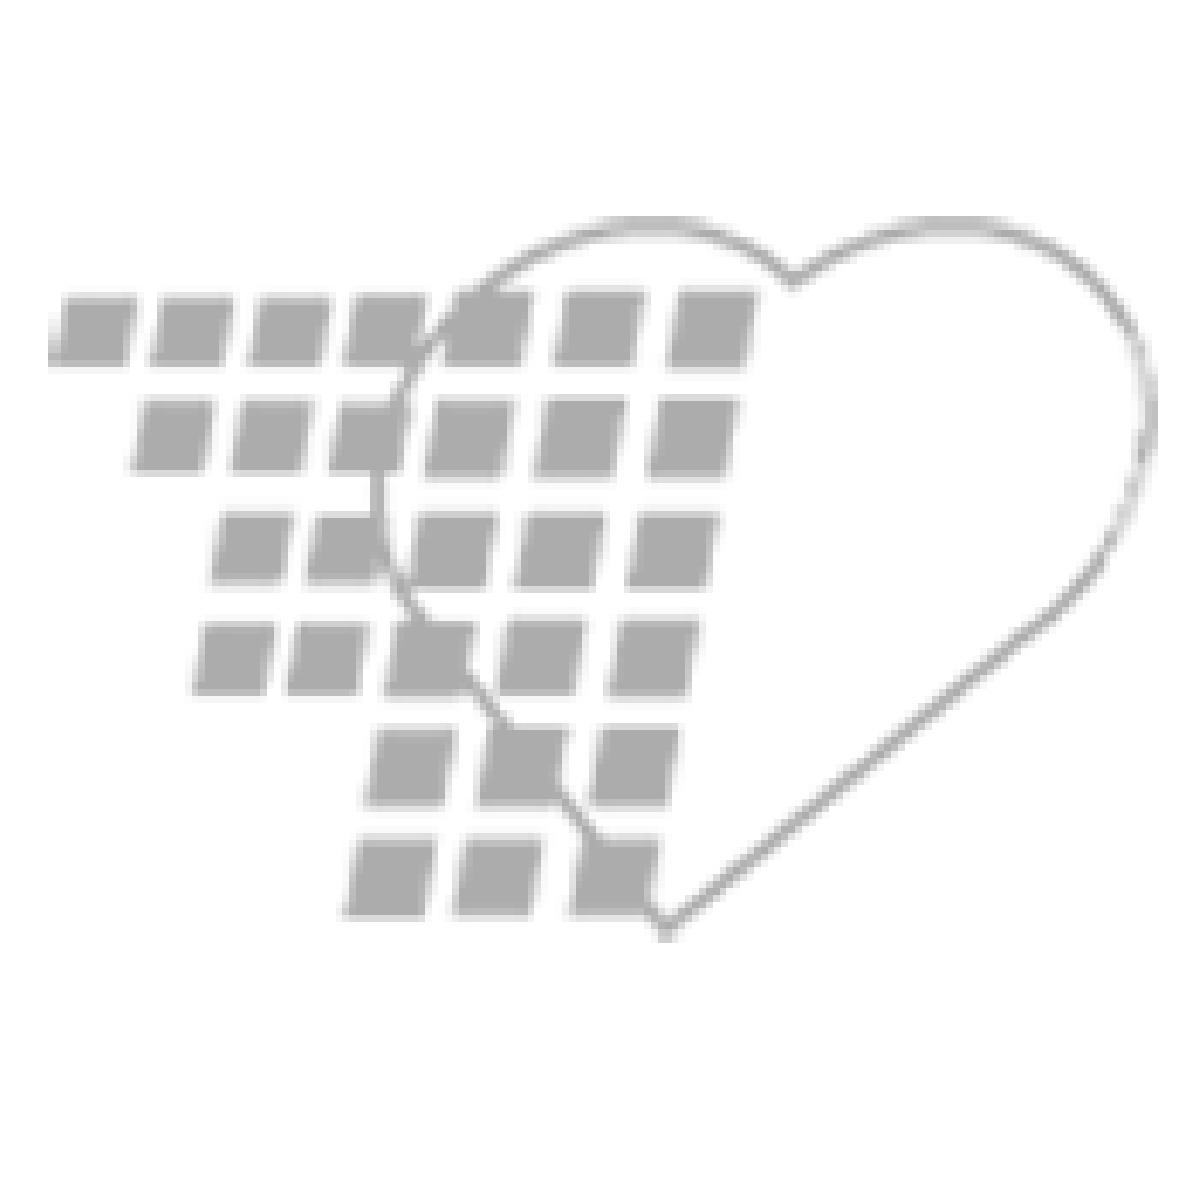 02-20-3220 - Welch Allyn  Assorted Blood Pressure Cuff Sizes